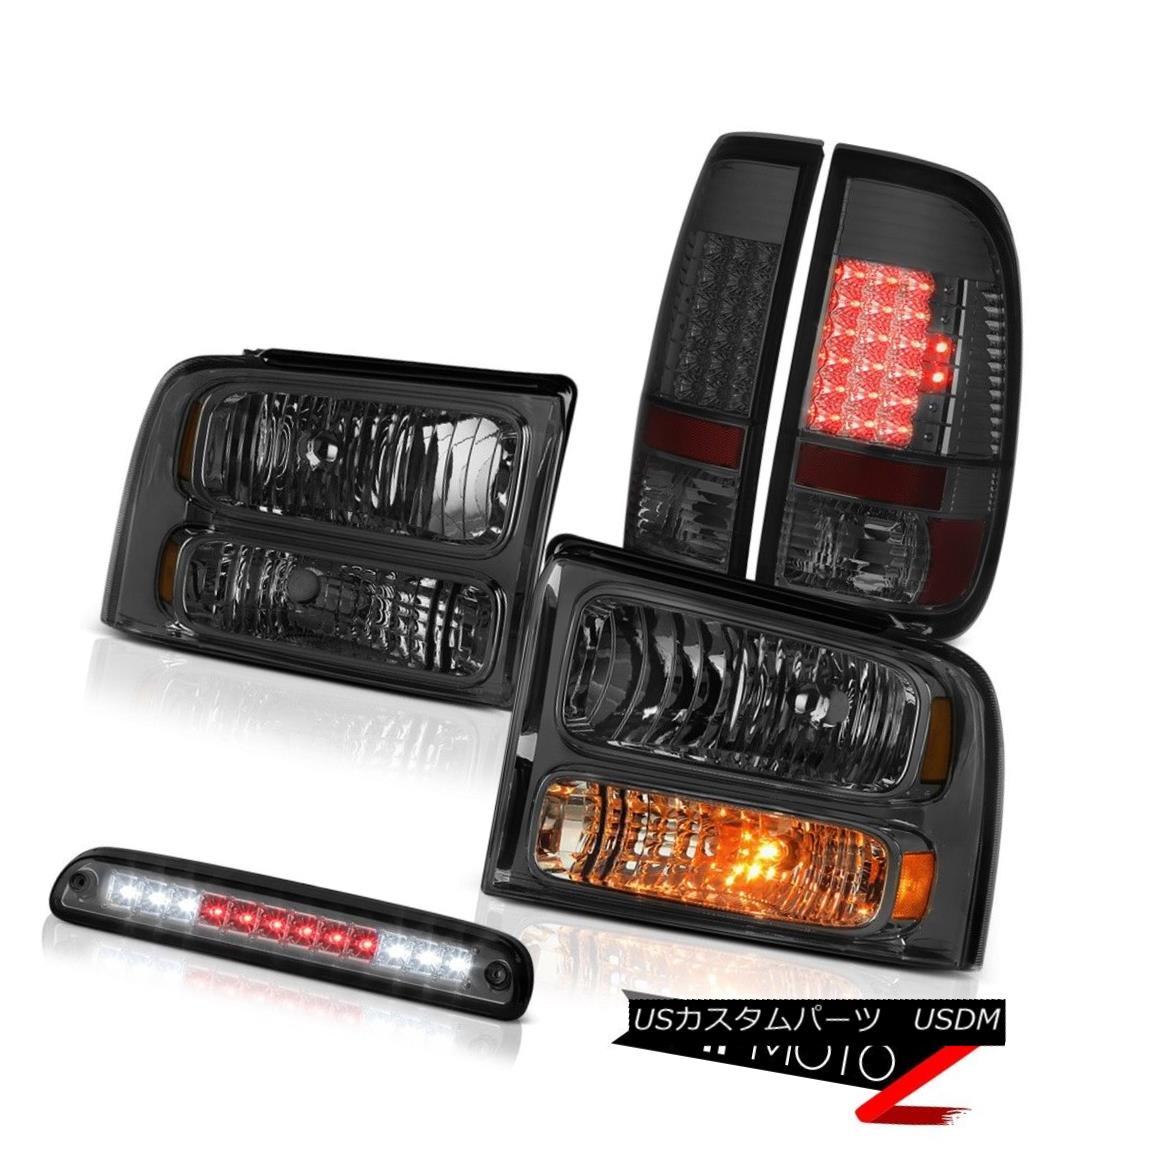 ヘッドライト 2005-2007 F350 7.3L Left Right Smoke Headlights Rear Brake Tail Lights 3rd LED 2005-2007 F350 7.3L左スモークヘッドライトリアブレーキテールライト第3 LED